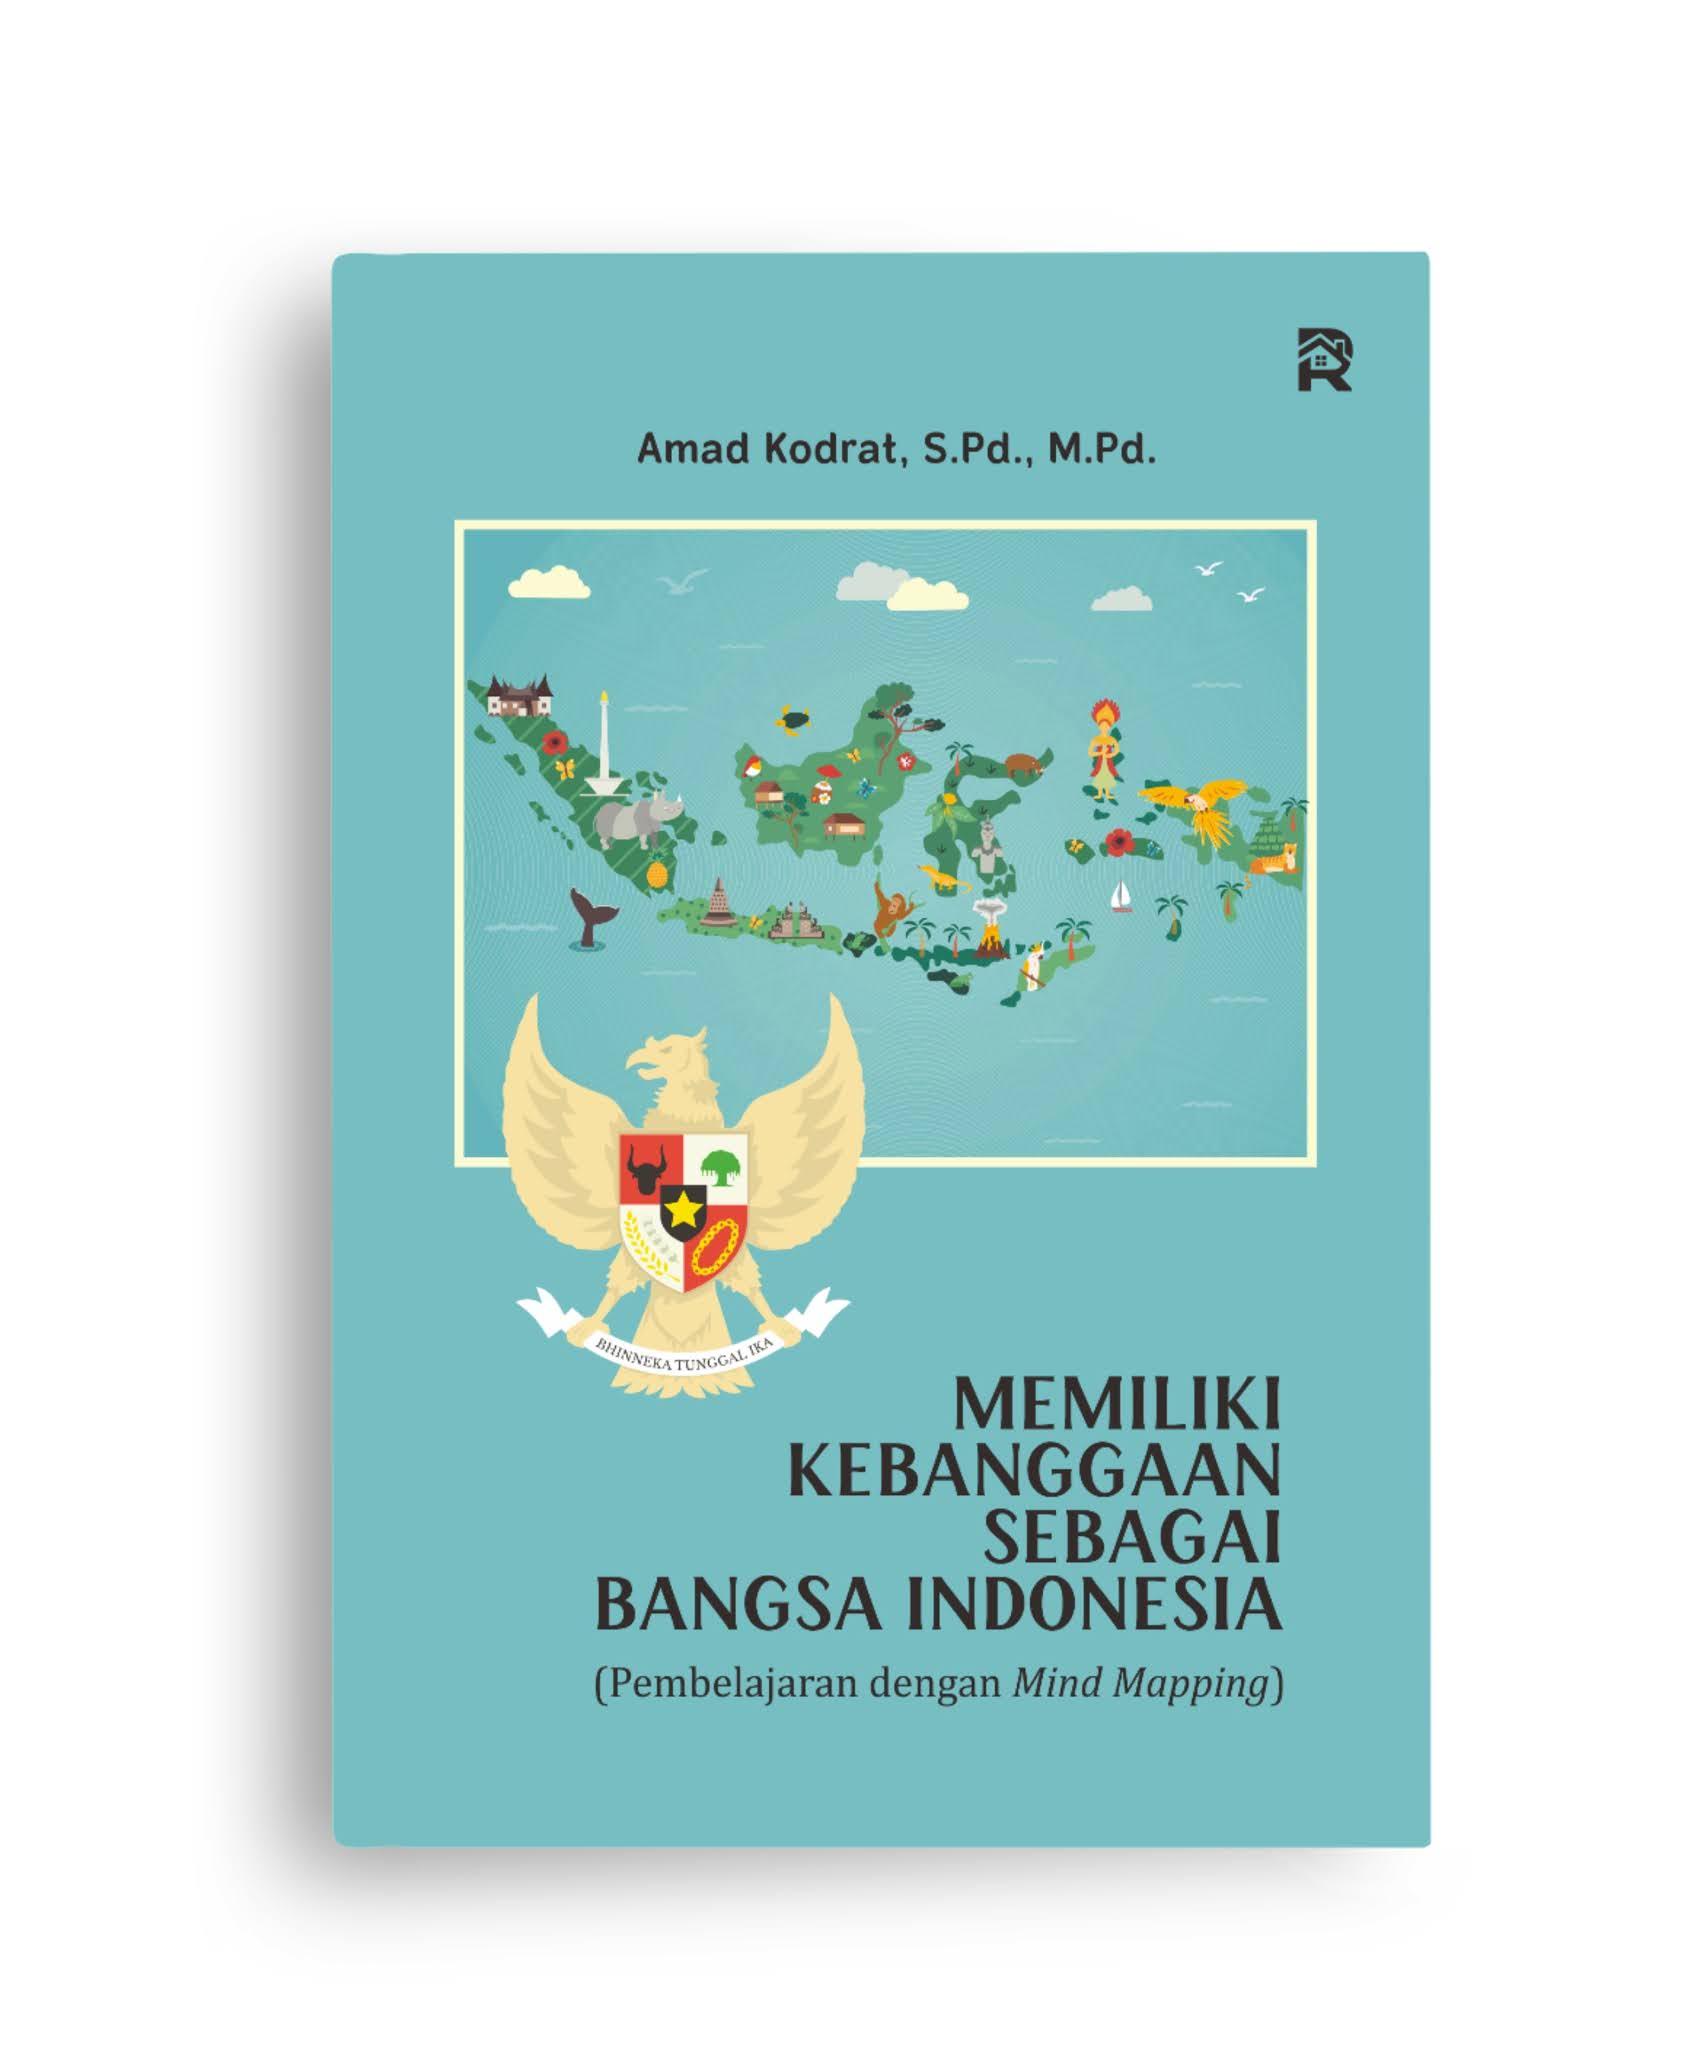 Memiliki Kebanggaan Sebagai Bangsa Indonesia (Pembelajaran dengan Mind Mapping)